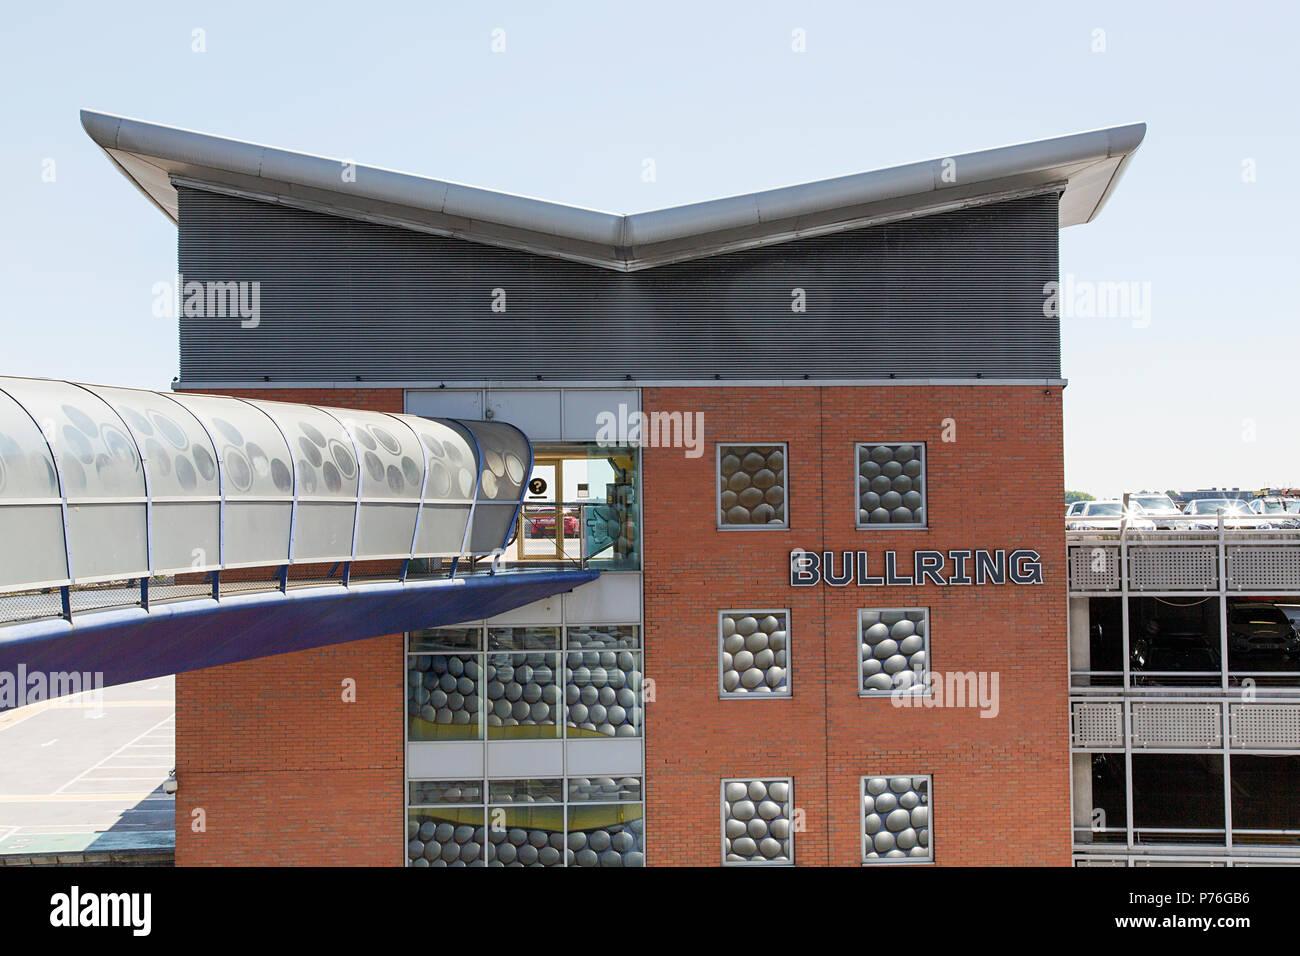 Birmingham, Regno Unito: Giugno 29, 2018: Selfridges Moor Street Car Park. Un situato convenientemente a più piani parcheggio auto di fronte l'iconico Edificio Selfridges. Immagini Stock